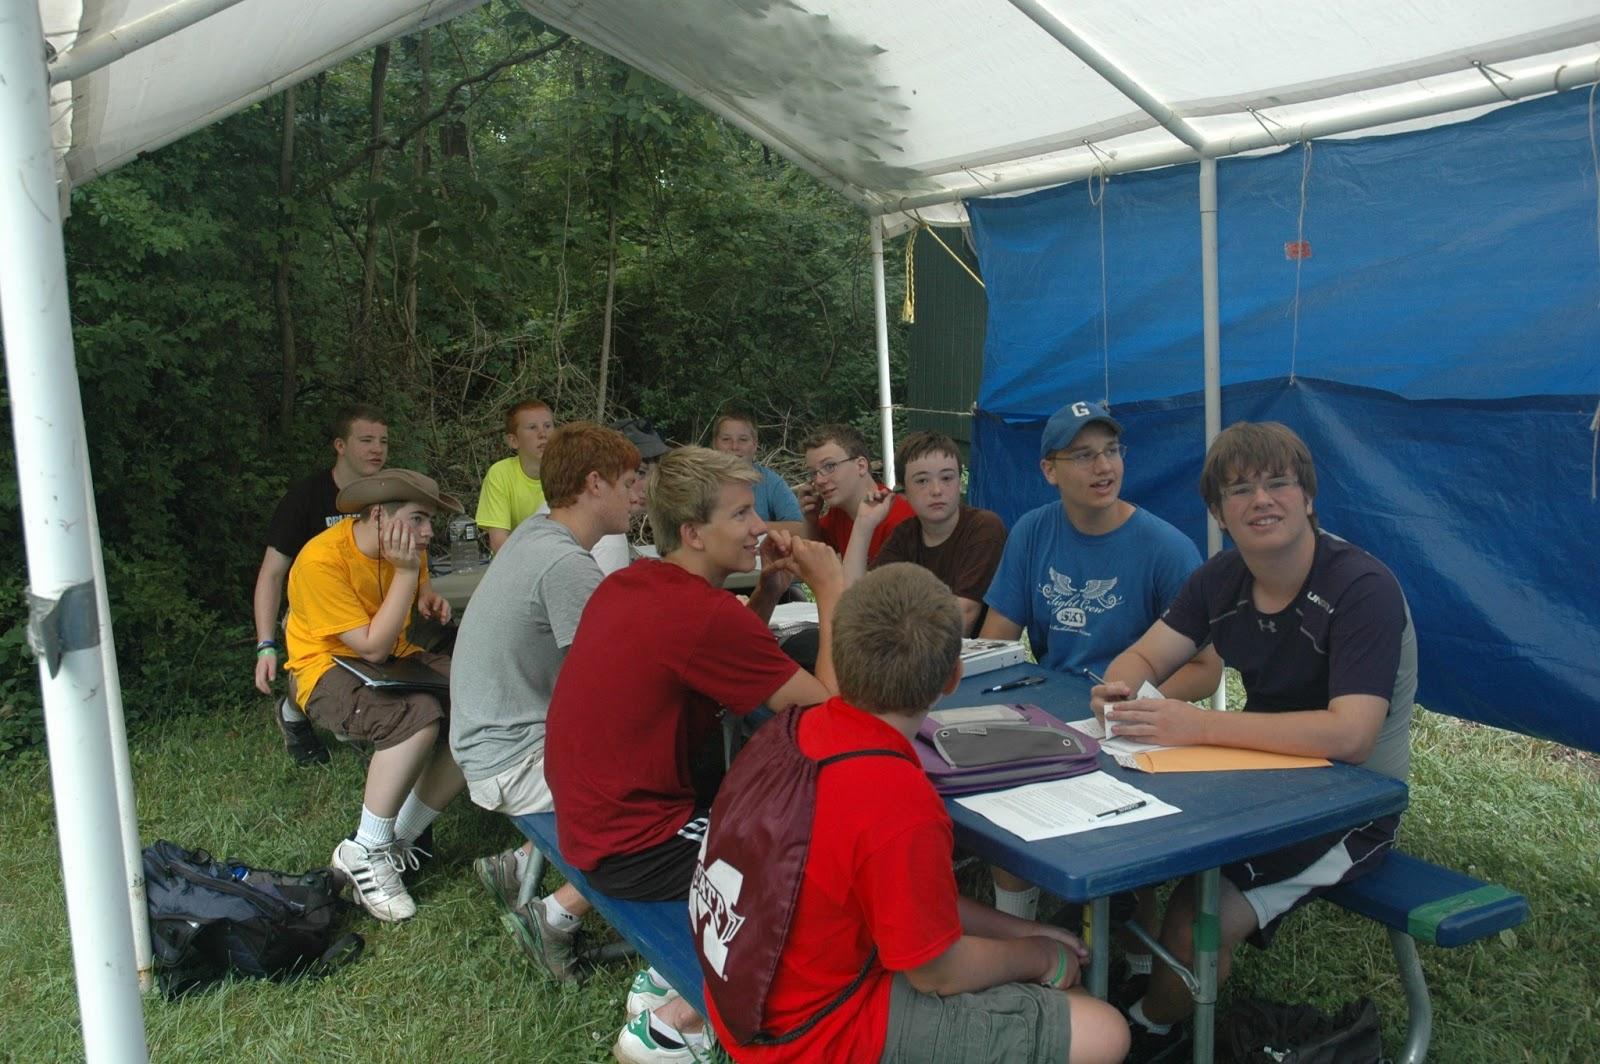 Camp Friedlander Summer Camp of The 2013 Summer Camp